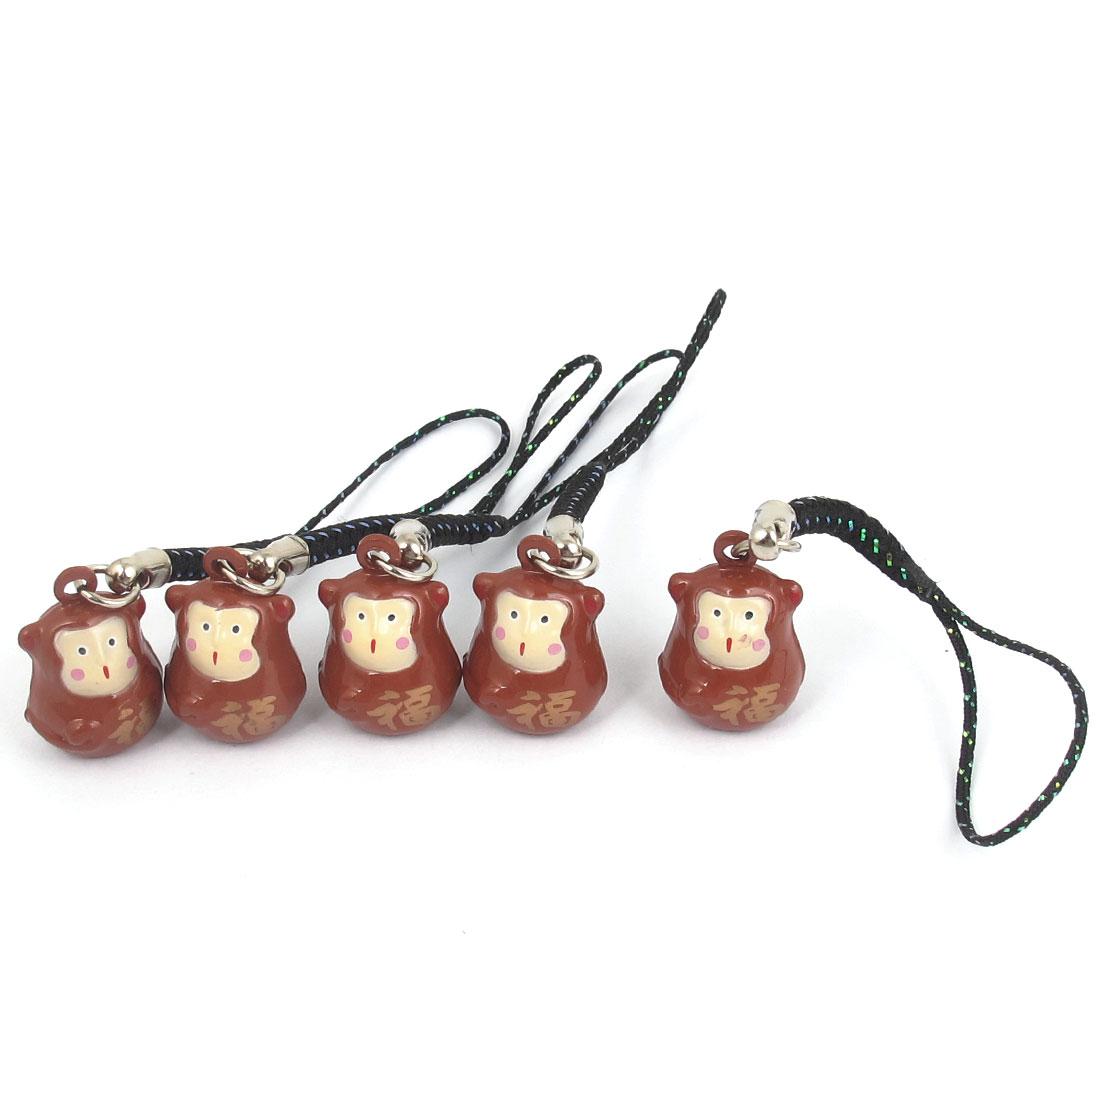 Metal Monkey Cartoon Design Lucky Ring Bell Light Brown 18mm Diameter 5 Pcs